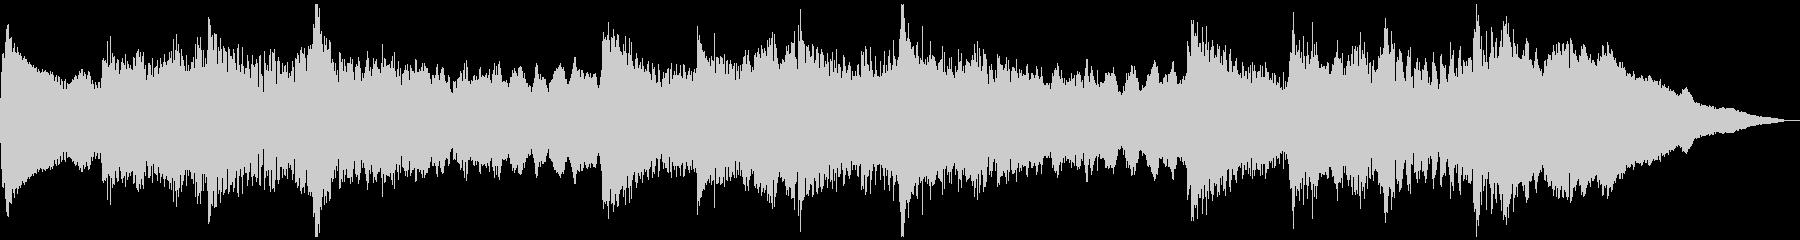 5秒CM用、サウンドロゴverFの未再生の波形